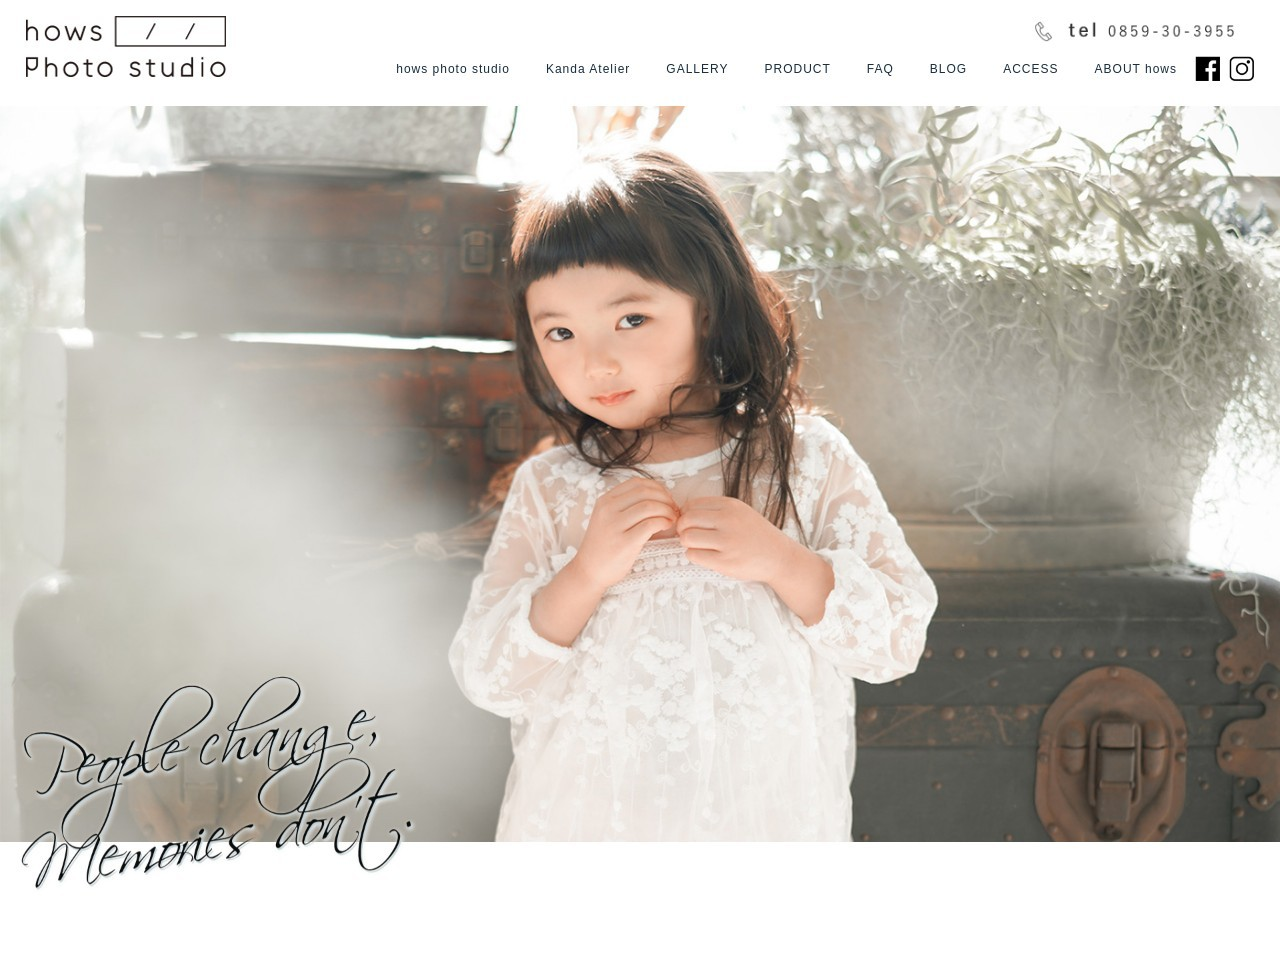 鳥取県米子市の写真館 ハウスフォトスタジオ(hows photo studio)